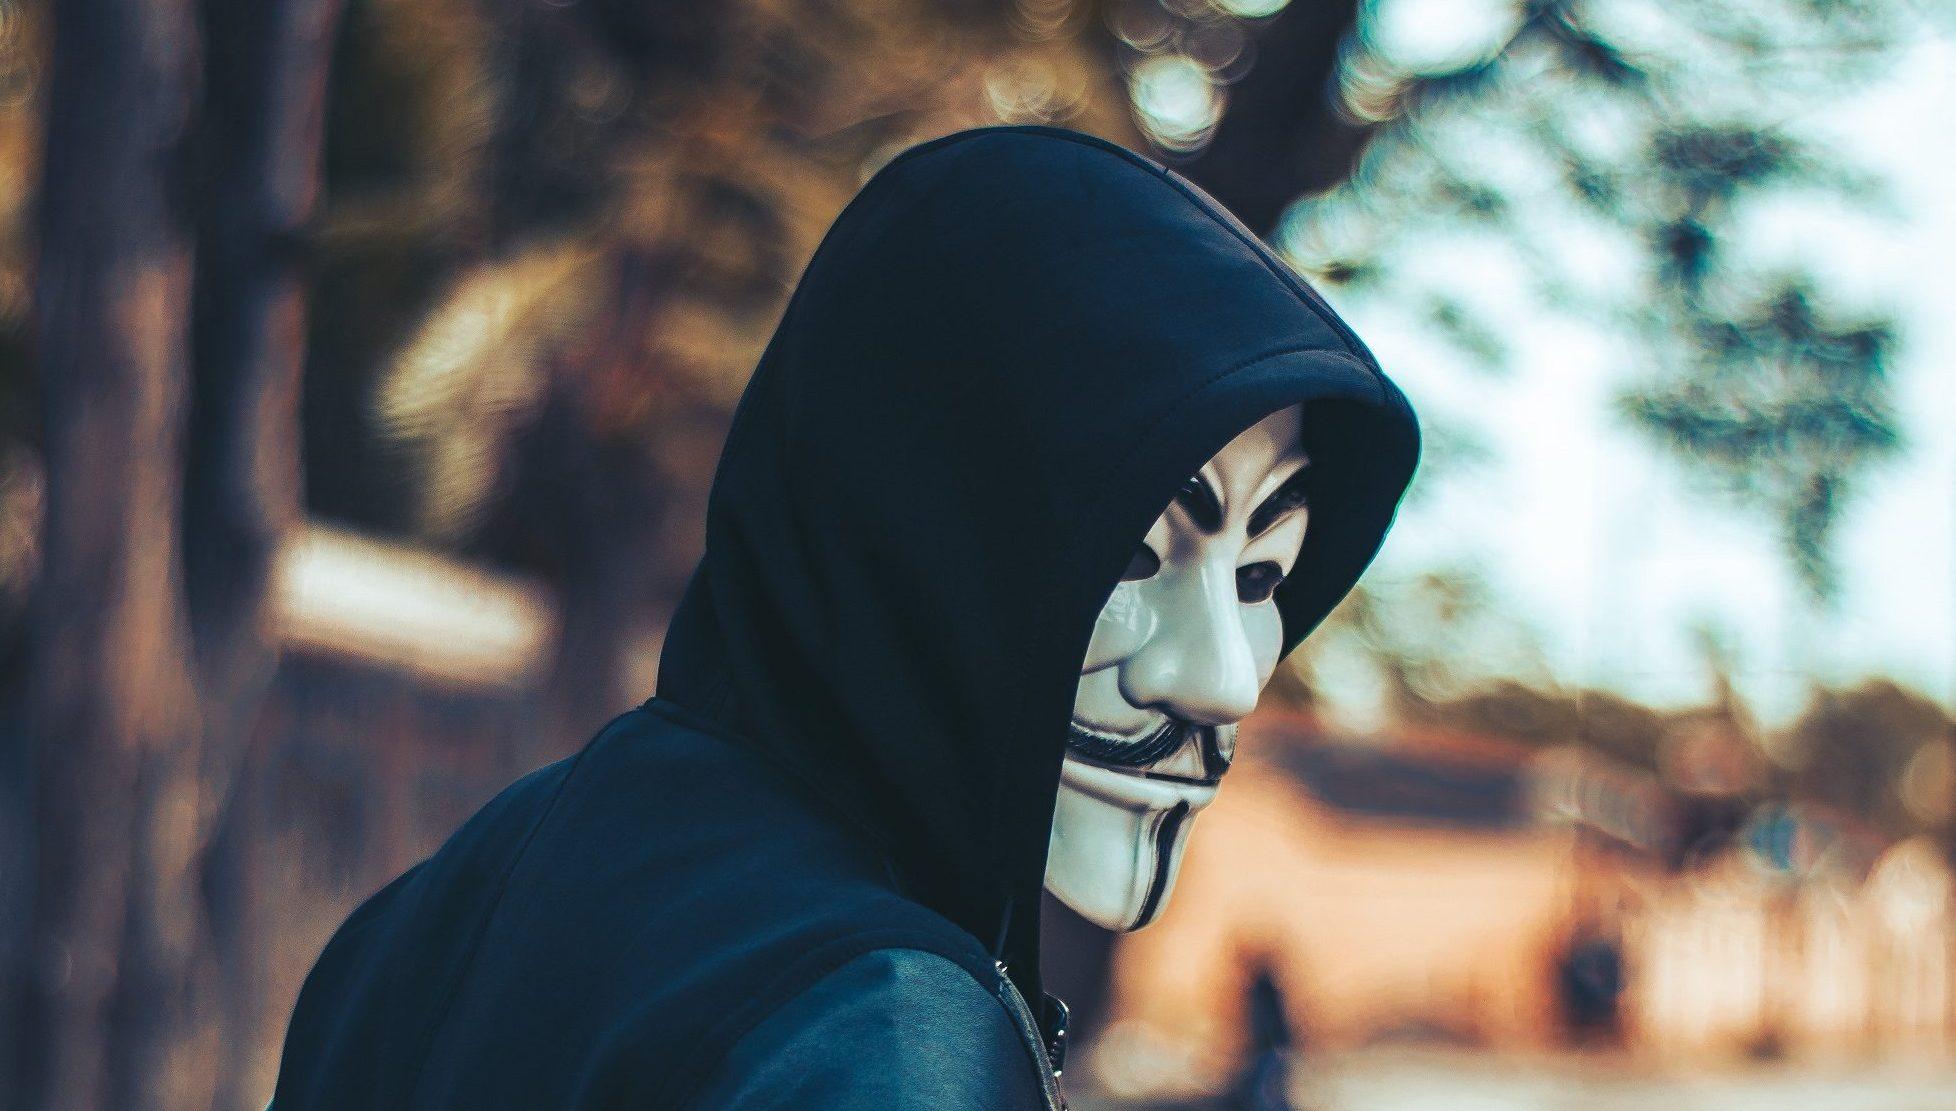 Anonymous guy